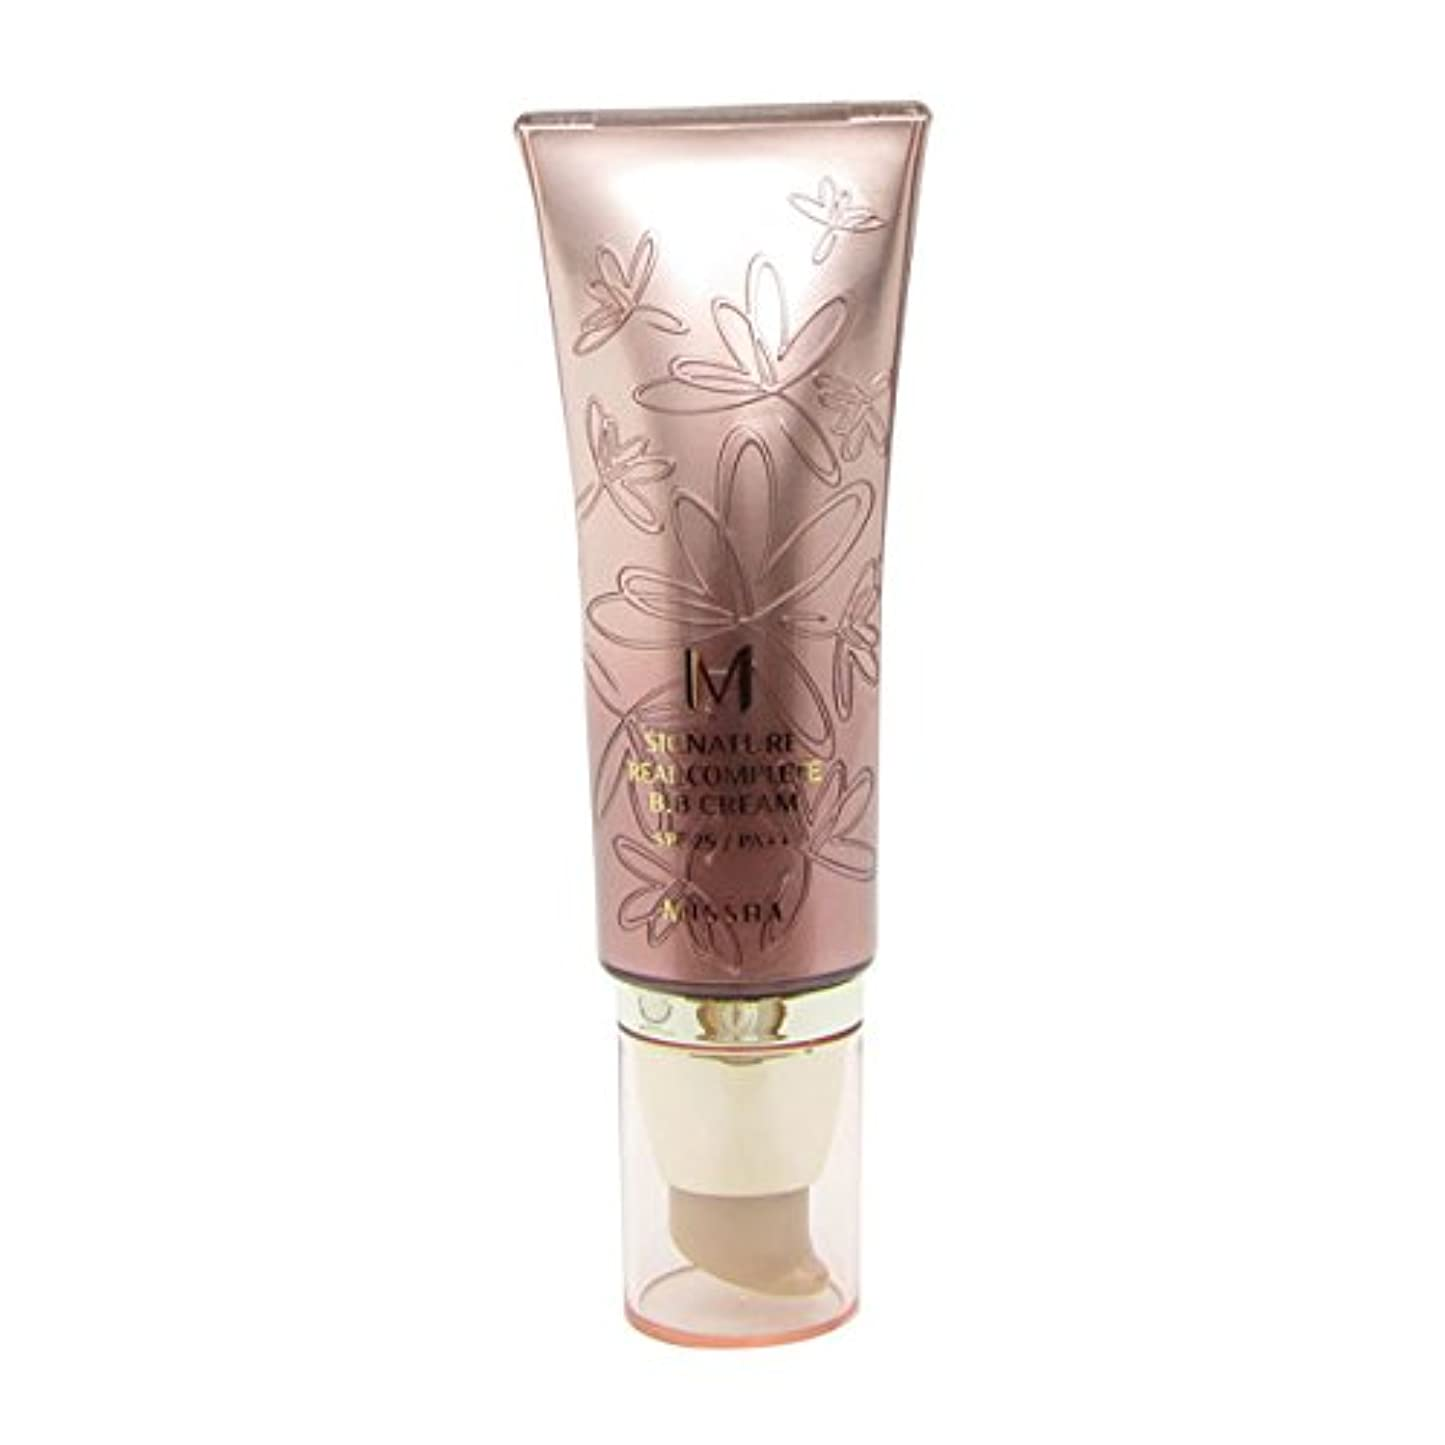 赤ちゃん優しさ子猫Missha Signature Real Complete Bb Cream Fps25/pa++ No.13 Light Milky Beige 45g [並行輸入品]